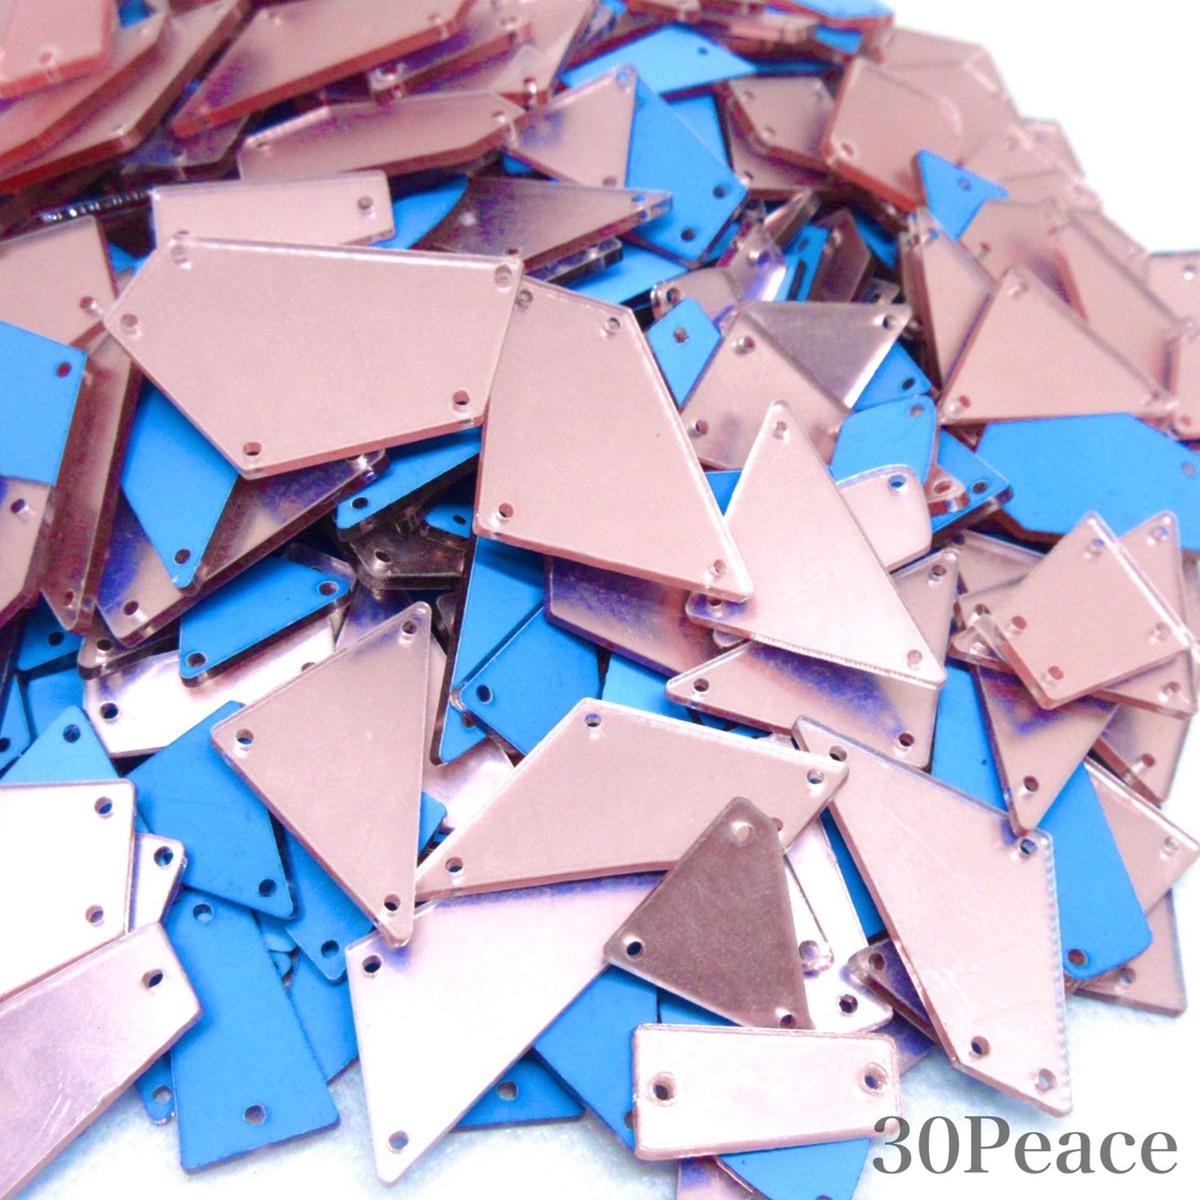 鏡仕上げのアクリルミラーパーツです アクリルミラーパーツ ミラーパーツ ミラーストーン 公式通販 品質検査済 衣装用ミラー 30peace ランダムミックス 衣装用パーツ ライトピンク